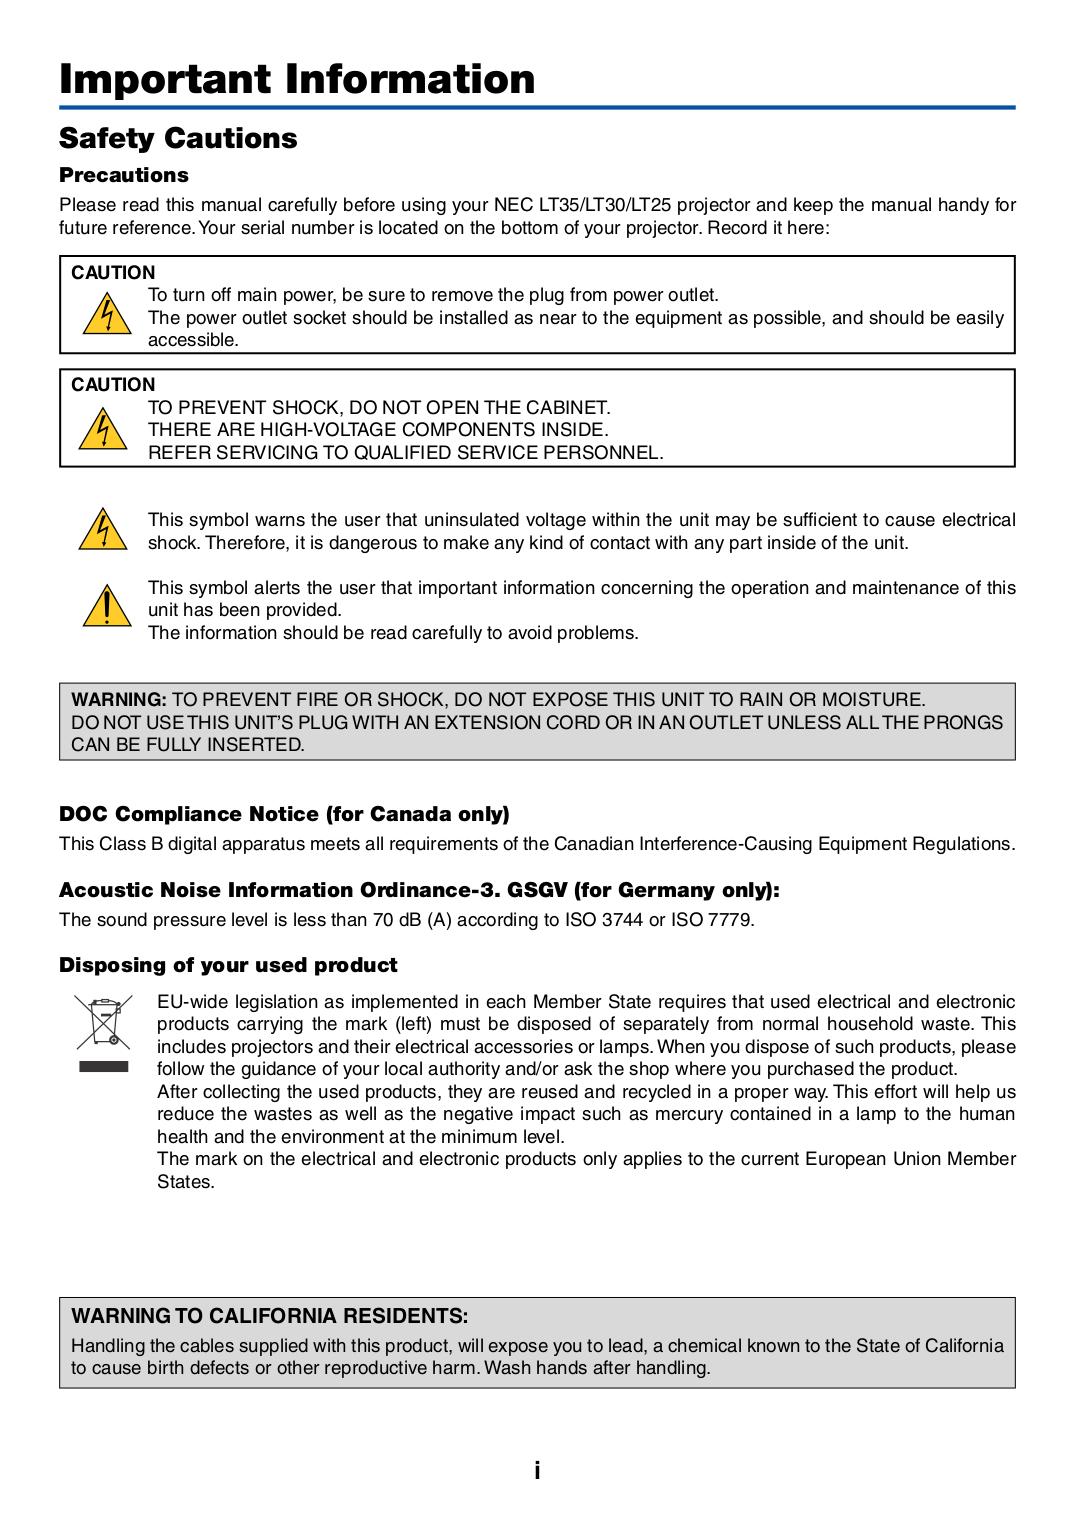 pdf manual for nec projector lt25 rh umlib com Volkswagen Crafter Volkswagen LT 35